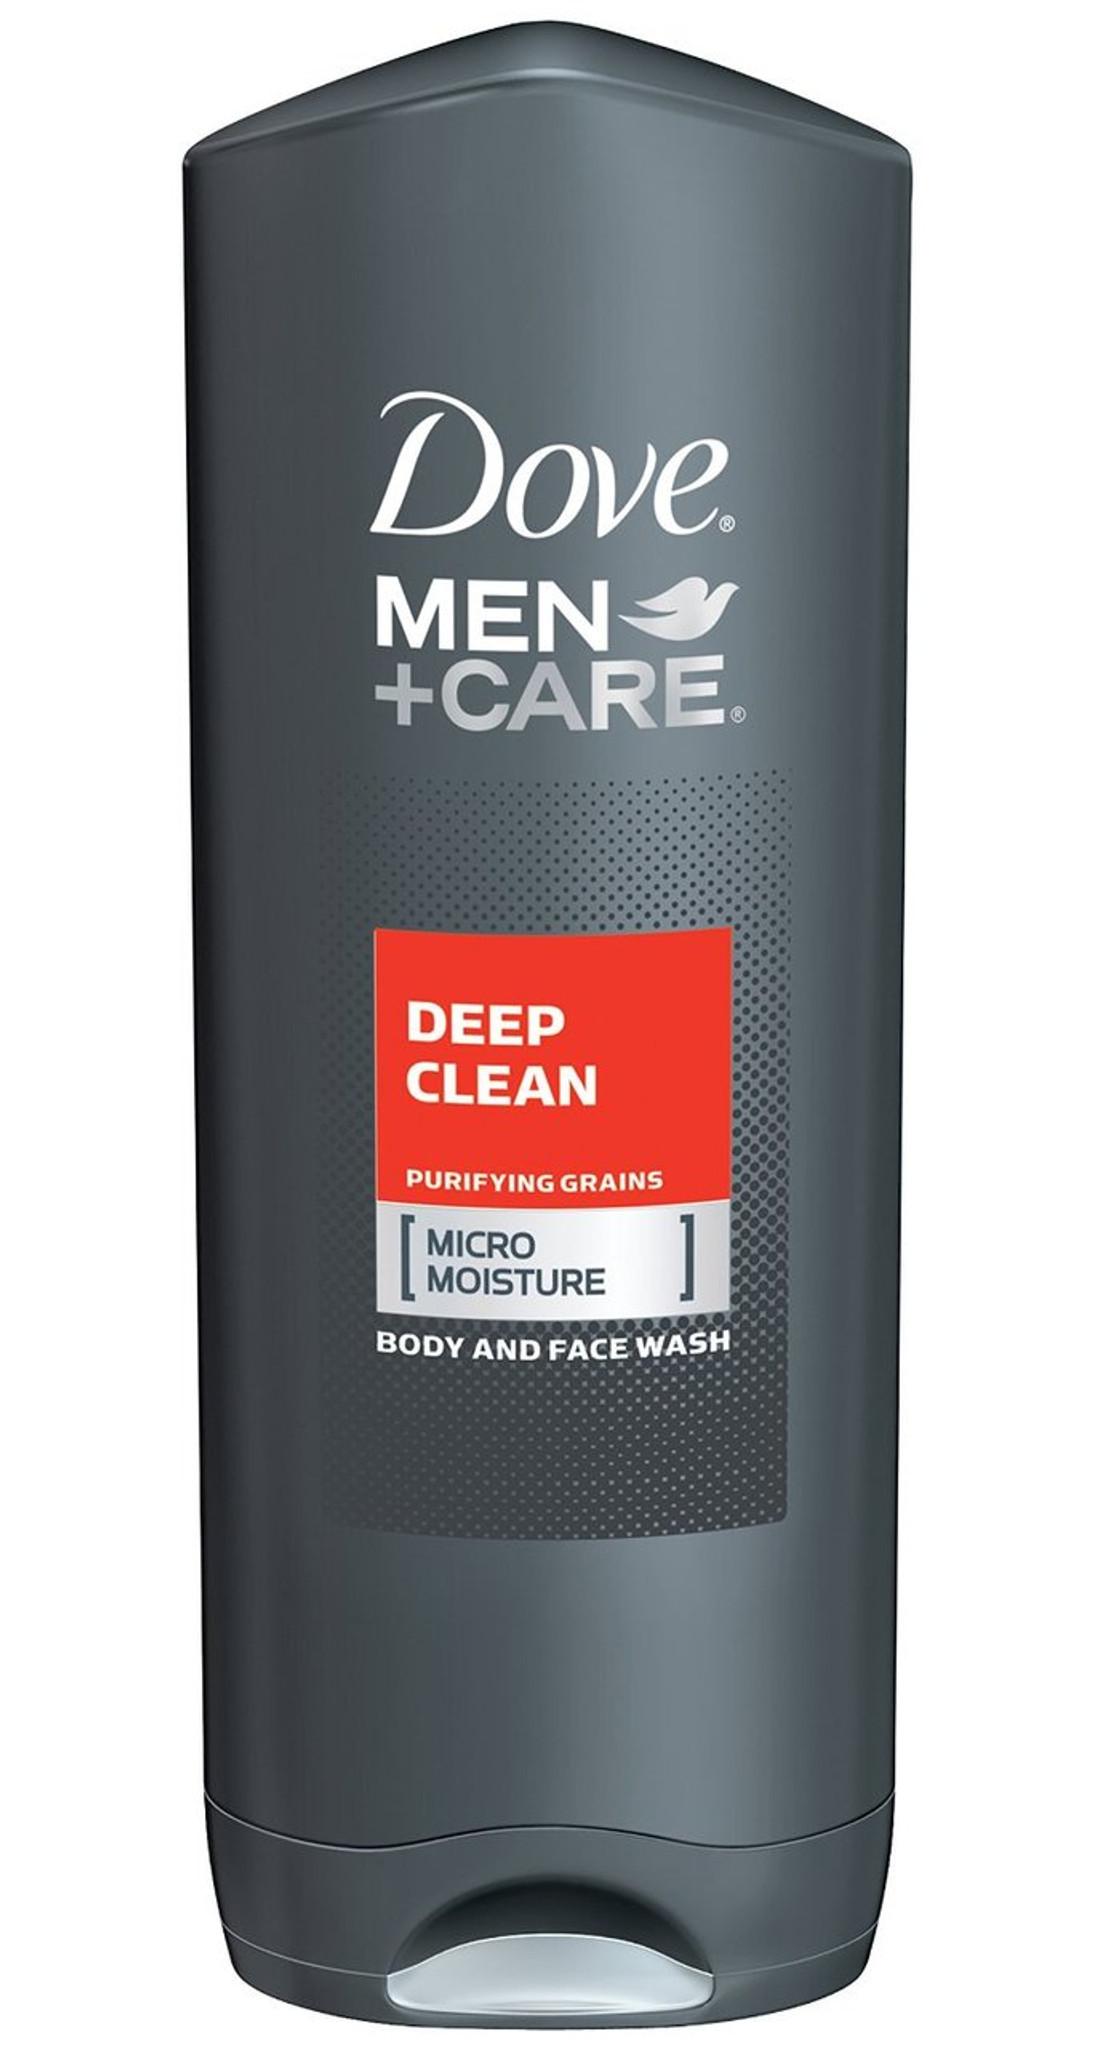 Dove Men Body Wash Deep Clean 13 5 Oz Authorized Vendor